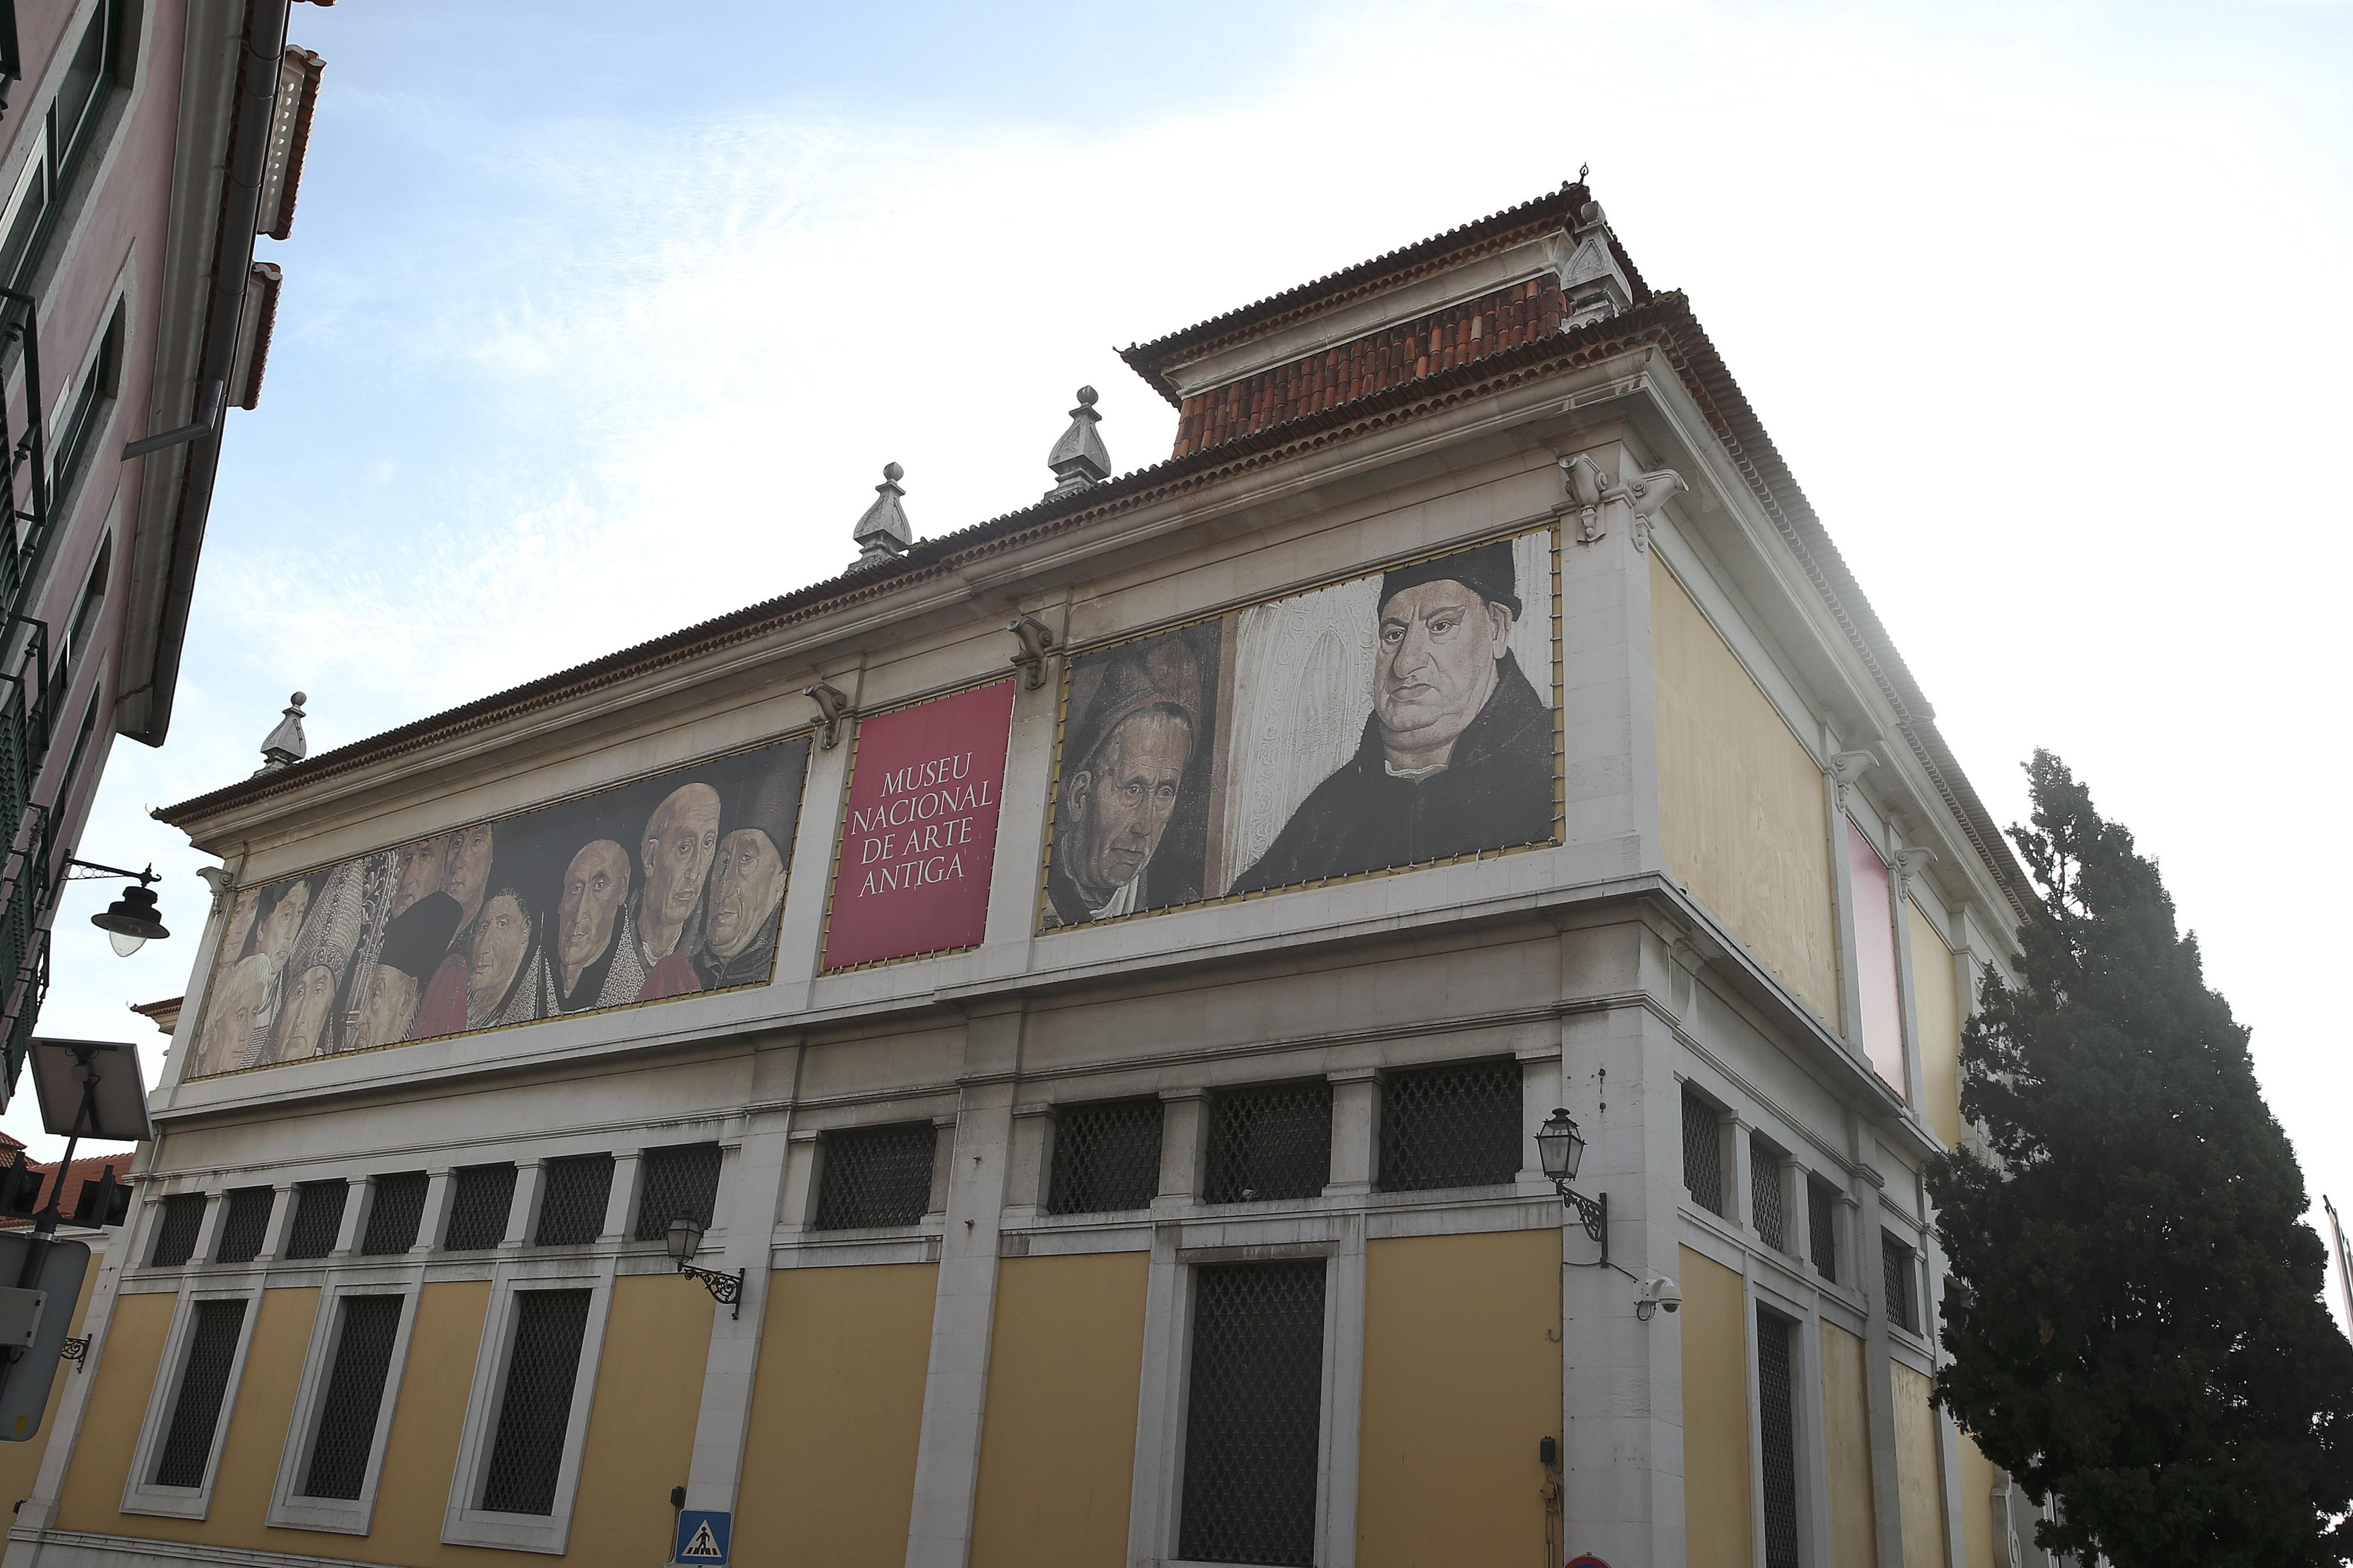 Escultura de arcanjo derrubada por turista regressa ao Museu de Arte Antiga em maio